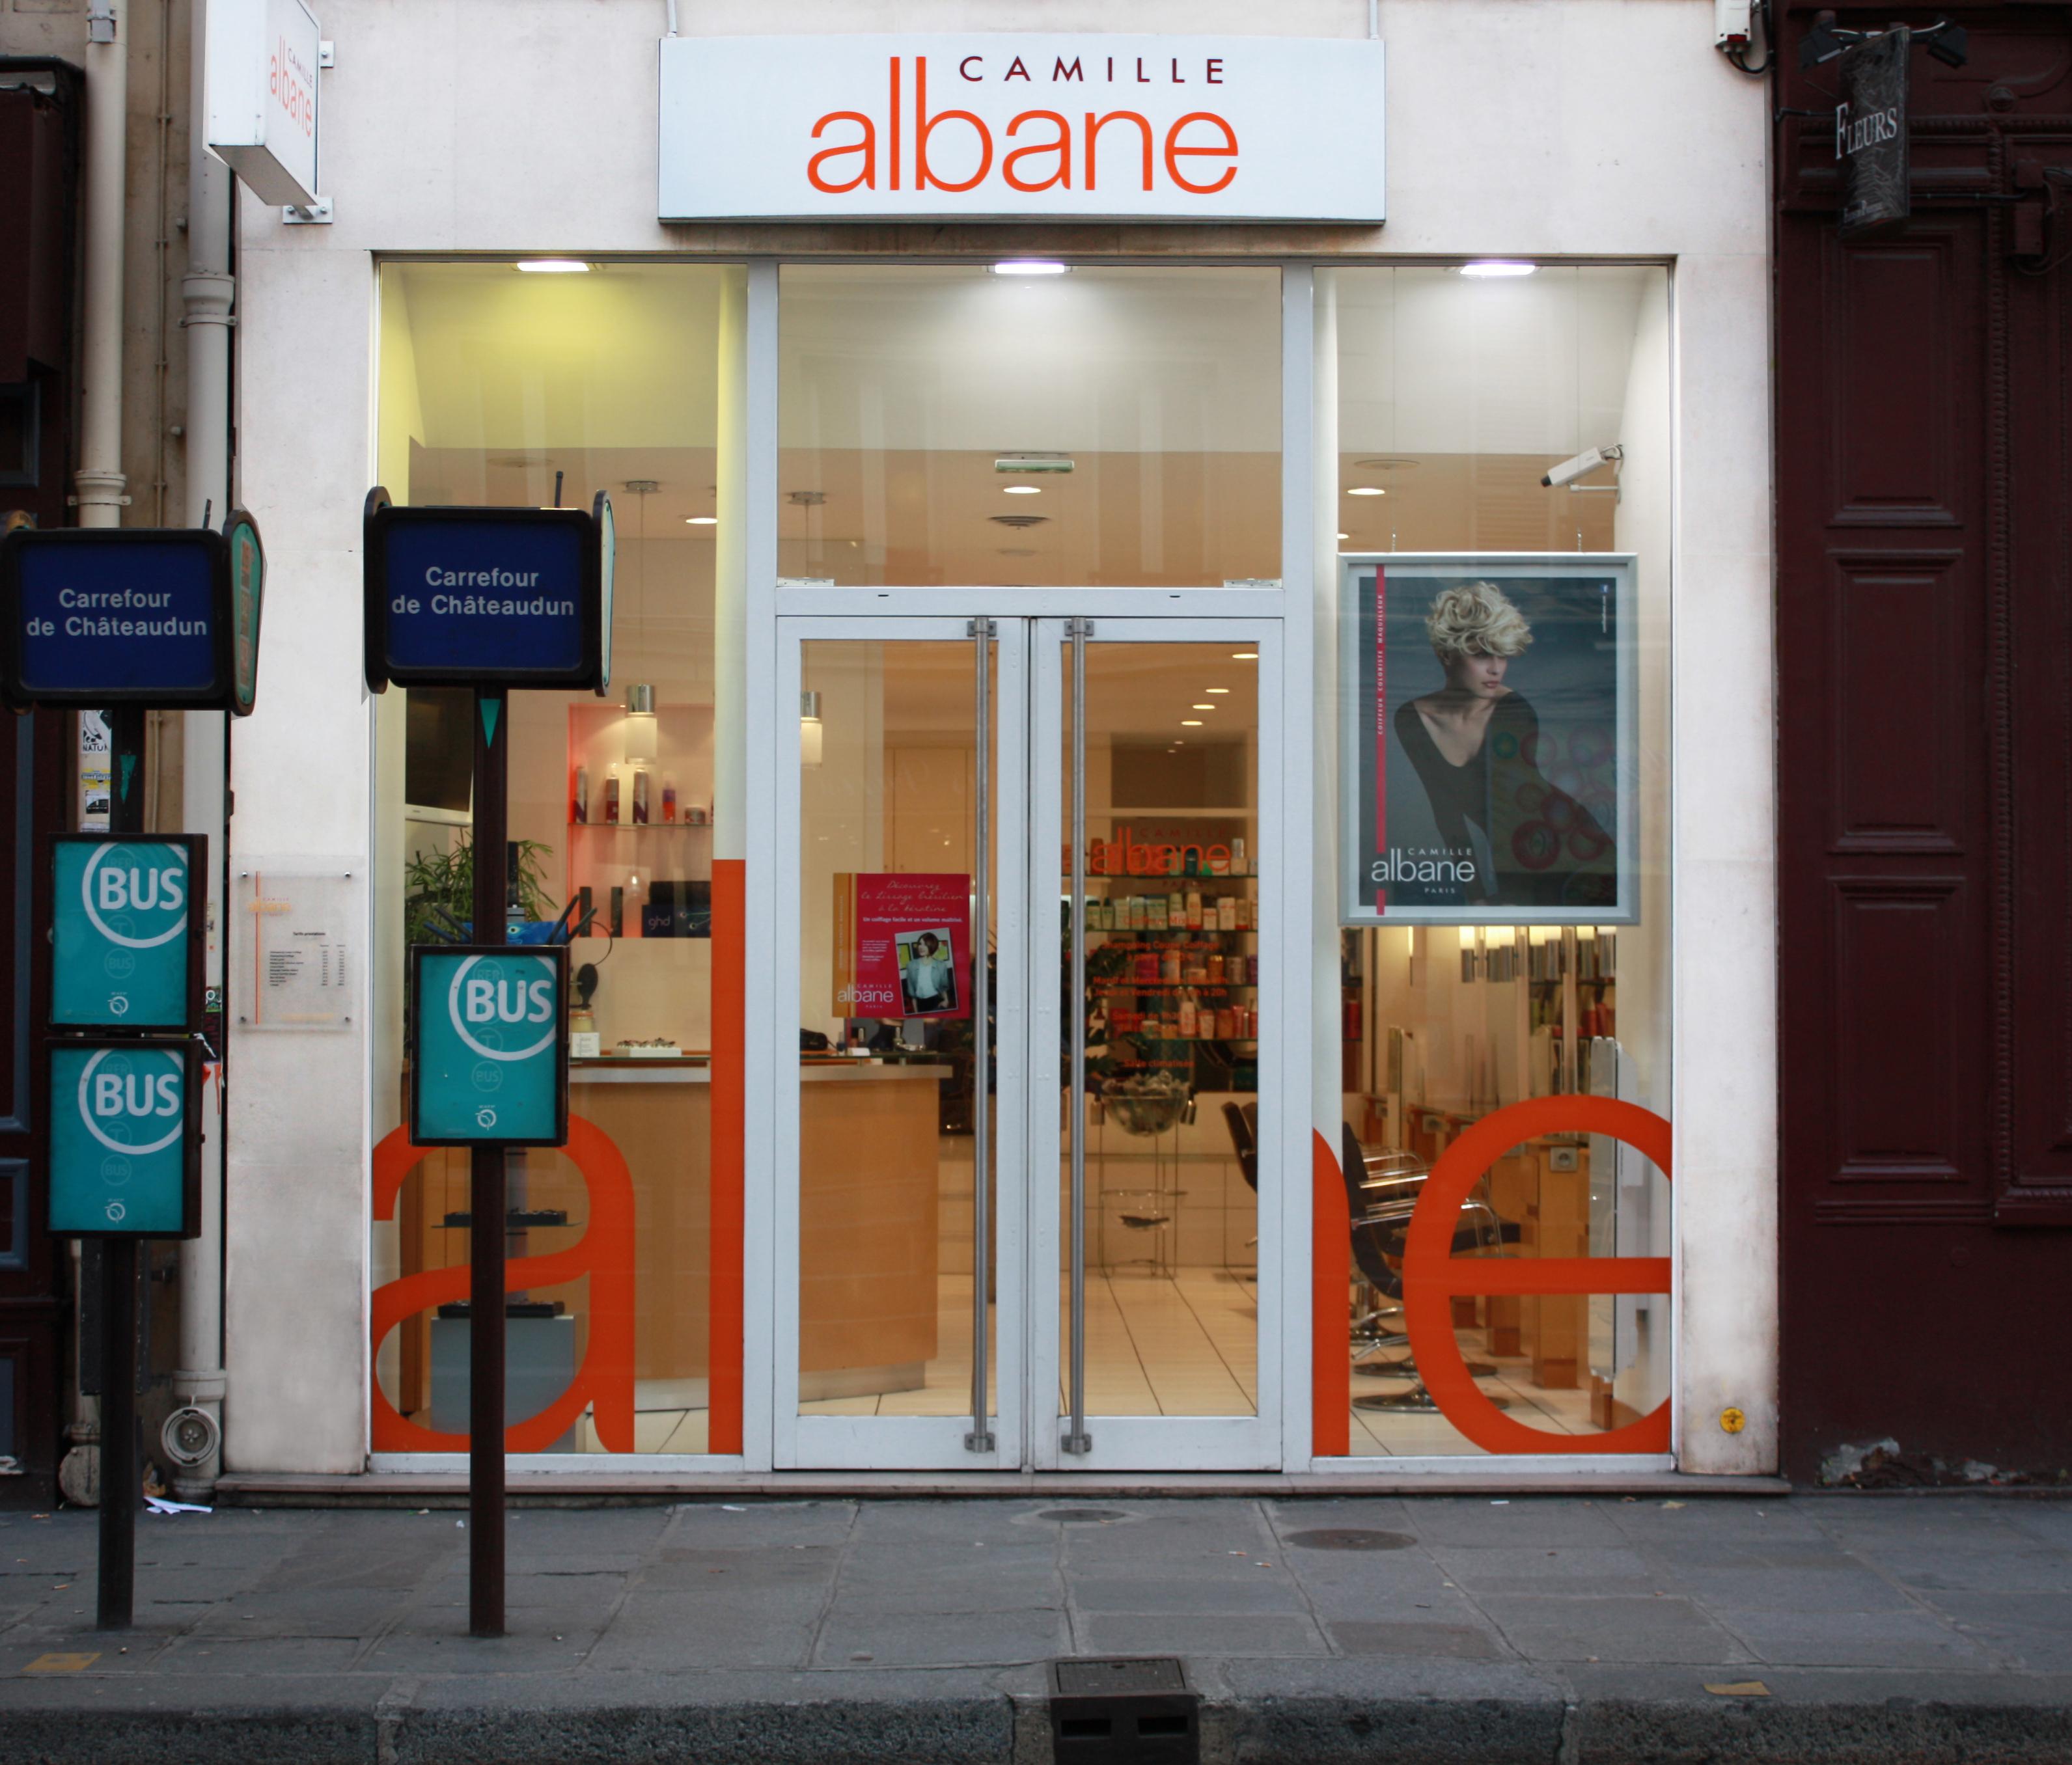 Camille Albane Châteaudun à Paris 09